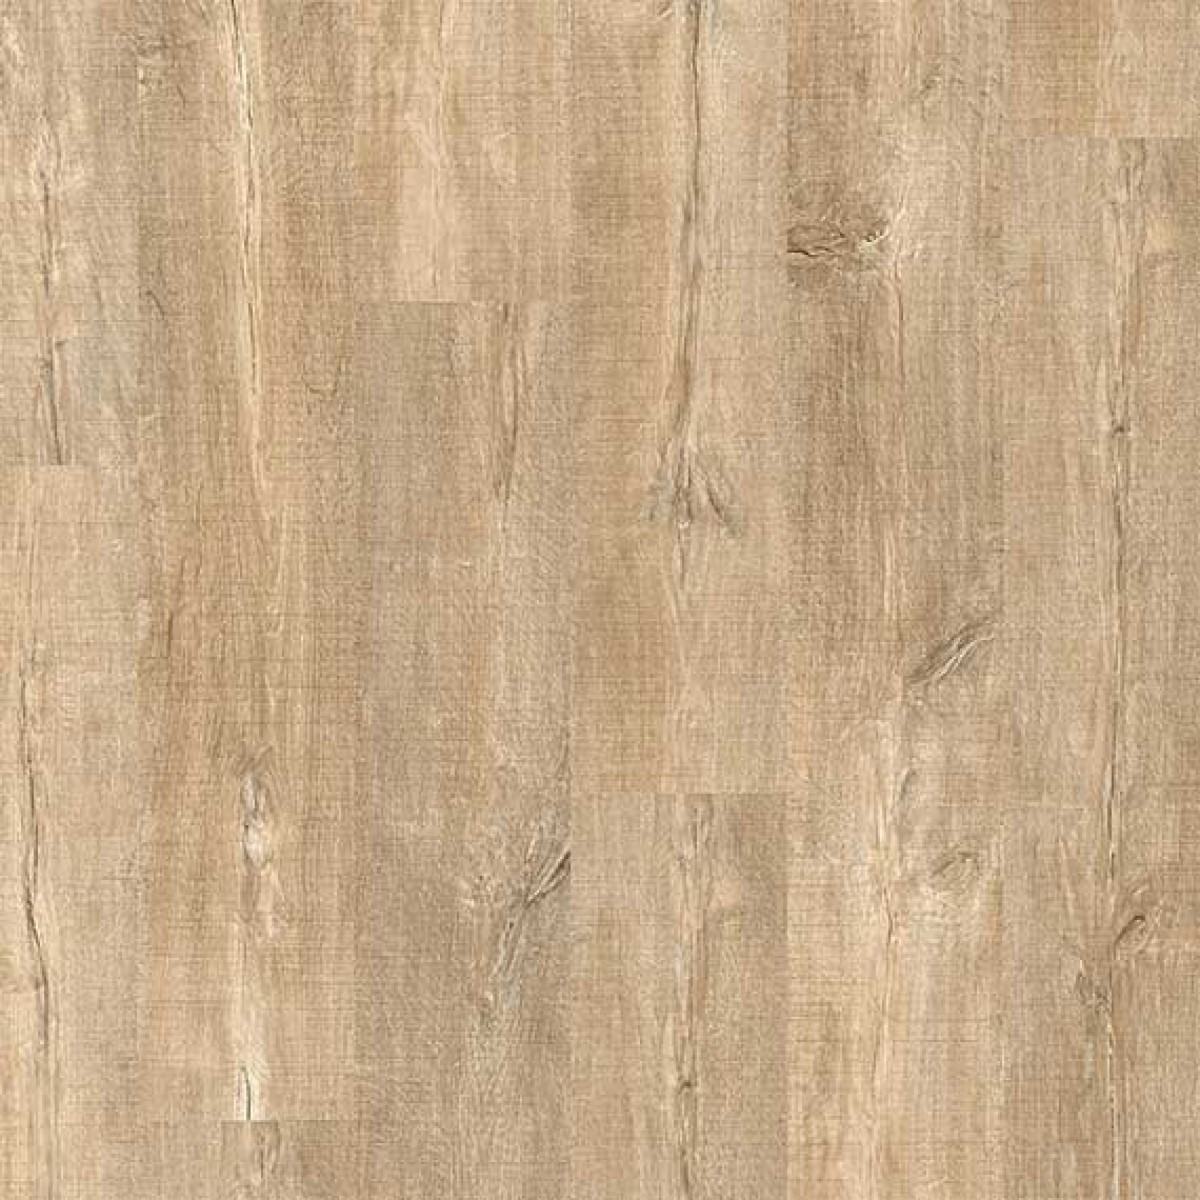 Quick-Step Livyn Comfort Patina Oak Natural